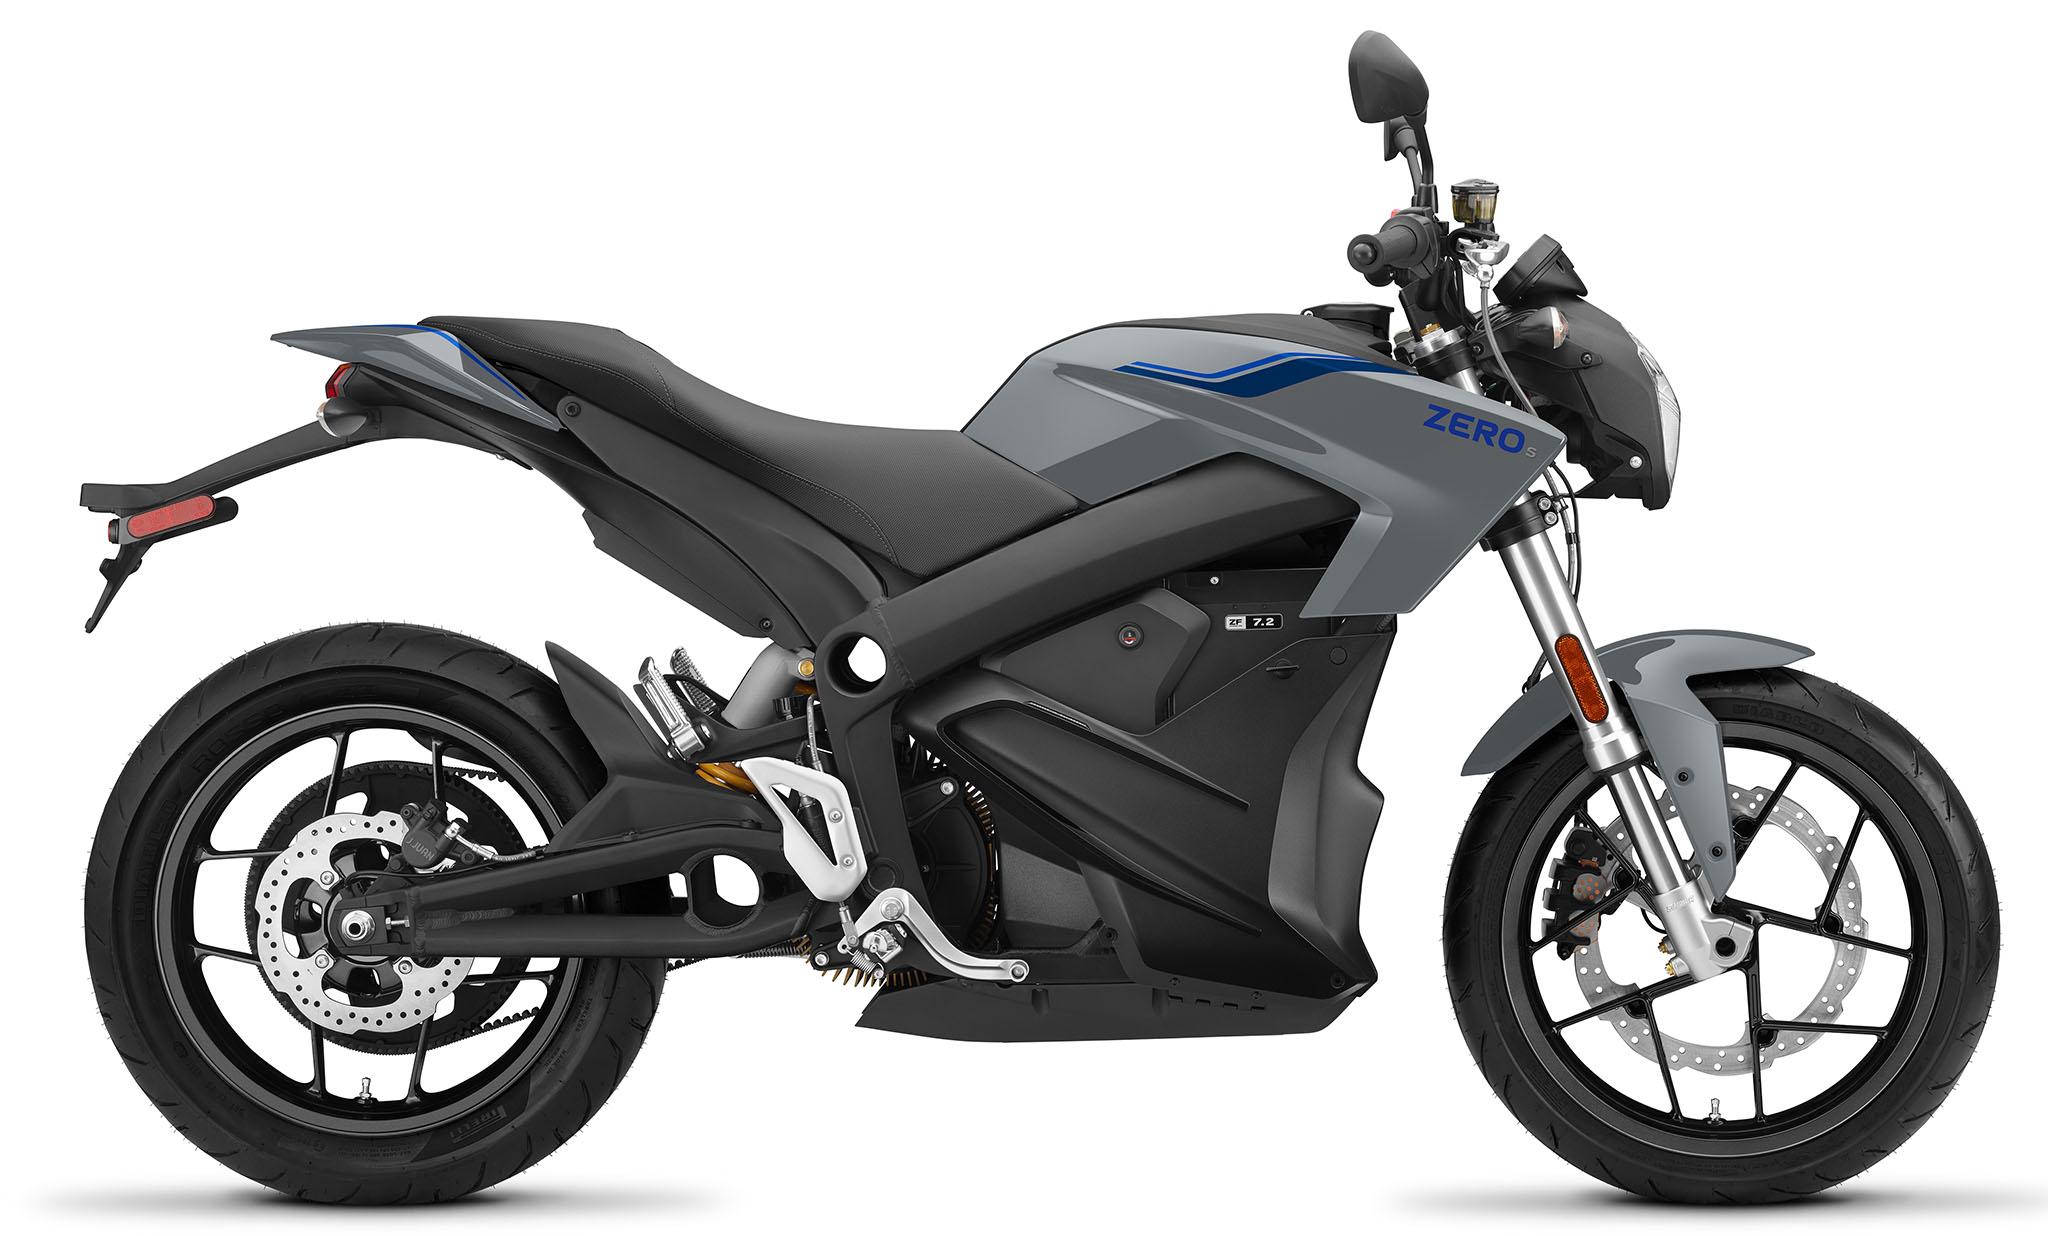 Zero S finns bara i 11 kW-utförande som 2021 års modell.